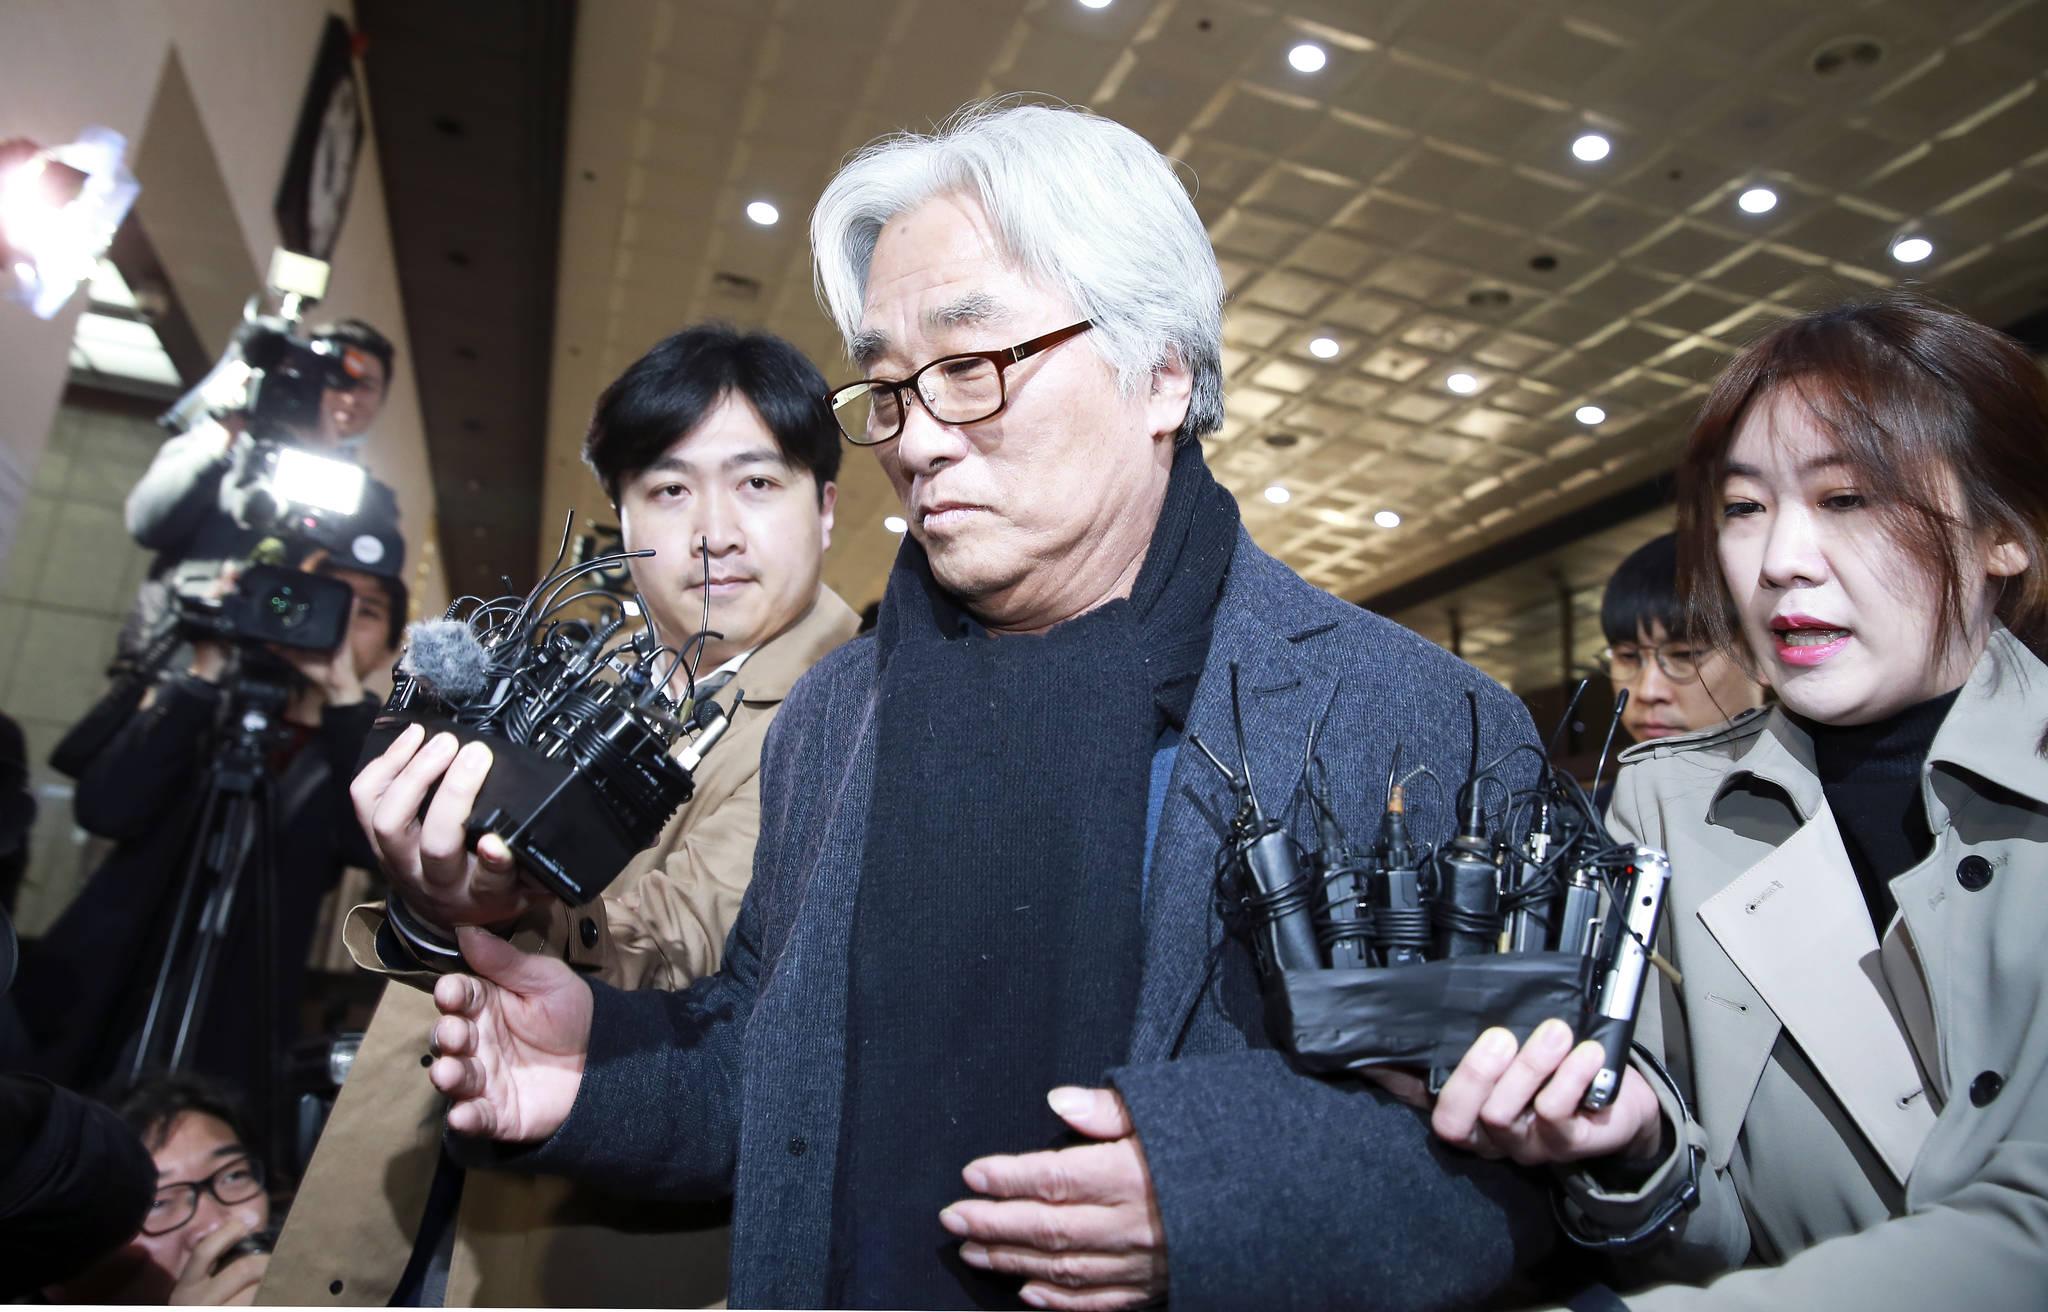 극단 단원에게 상습적으로 성폭력을 가한 의혹을 받는 연극연출가 이윤택 씨가 17일 오전 서울 종로구 서울지방경찰청에 조사를 받기 위해 출석하고 있다. 임현동 기자